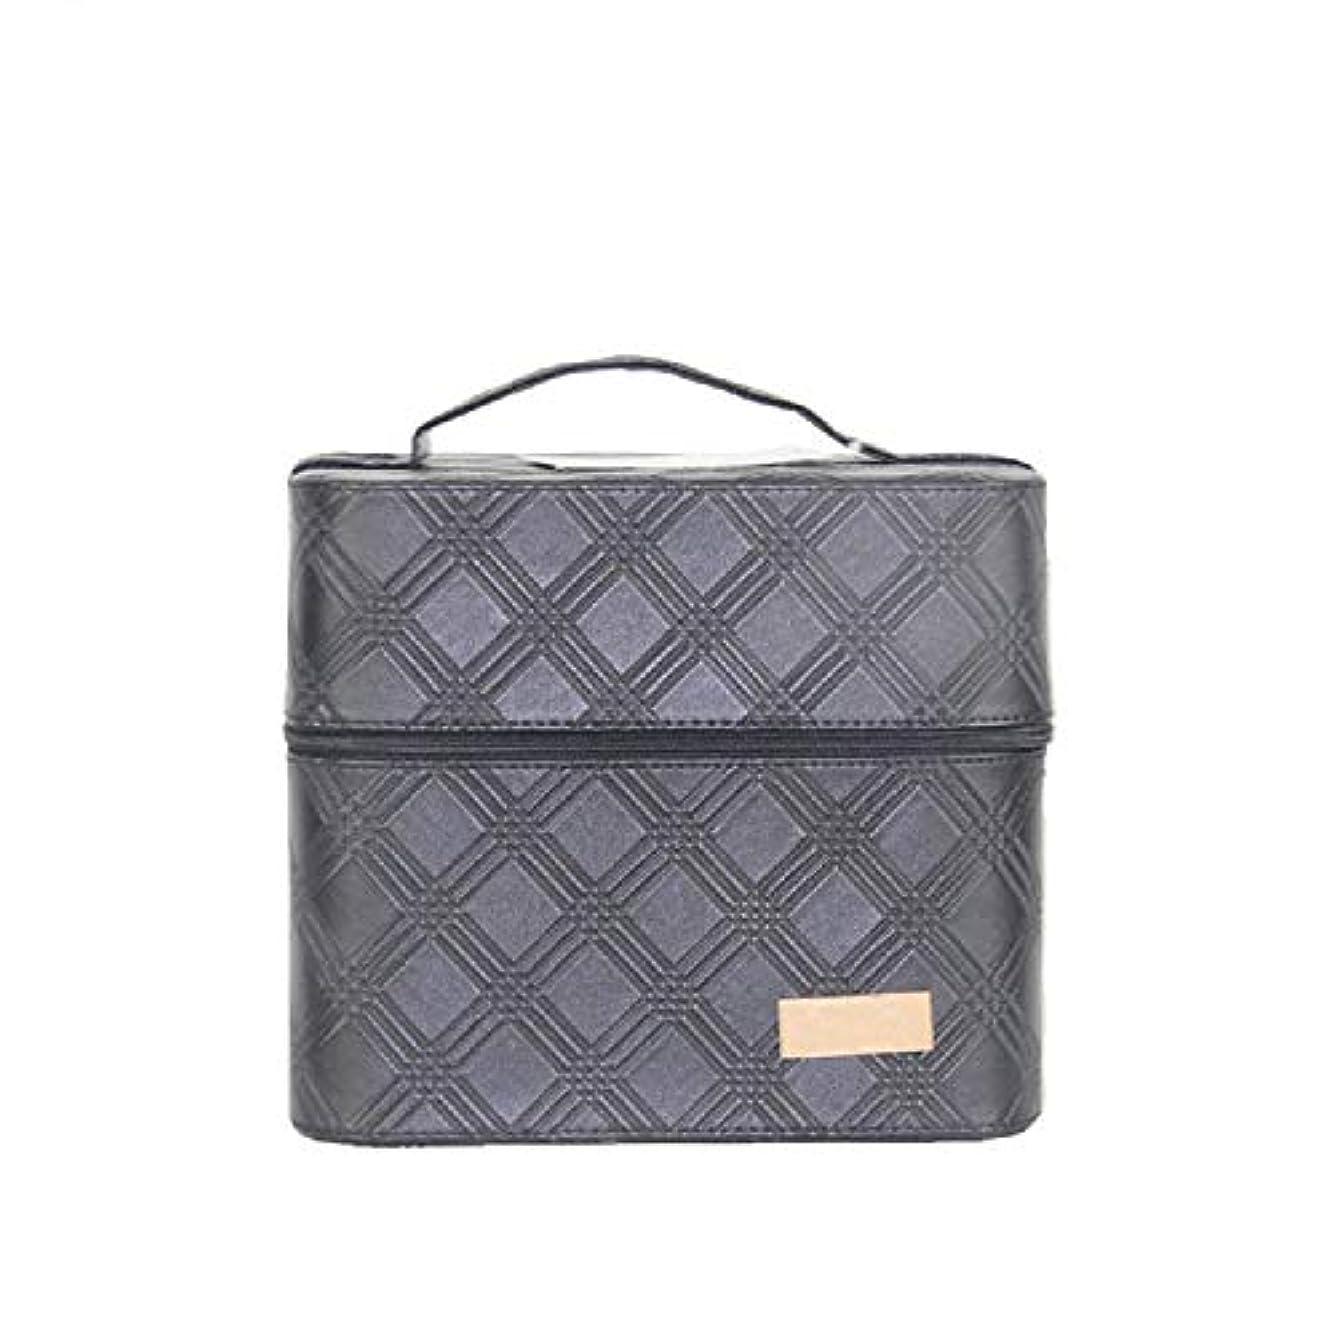 郵便物脱走暴君化粧オーガナイザーバッグ ジッパーと2つのトレイで小さなものの種類の旅行のための美容メイクアップのための黒のポータブル化粧品バッグ 化粧品ケース